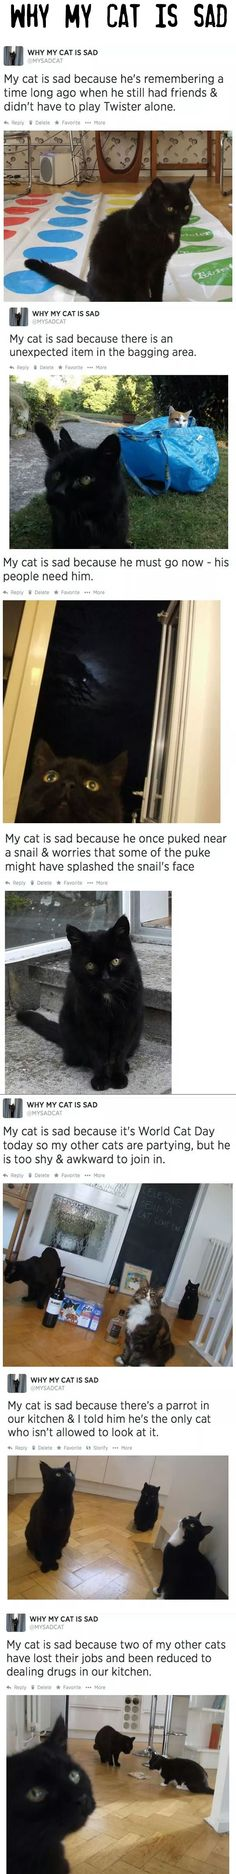 Why My Cat Is Sad.